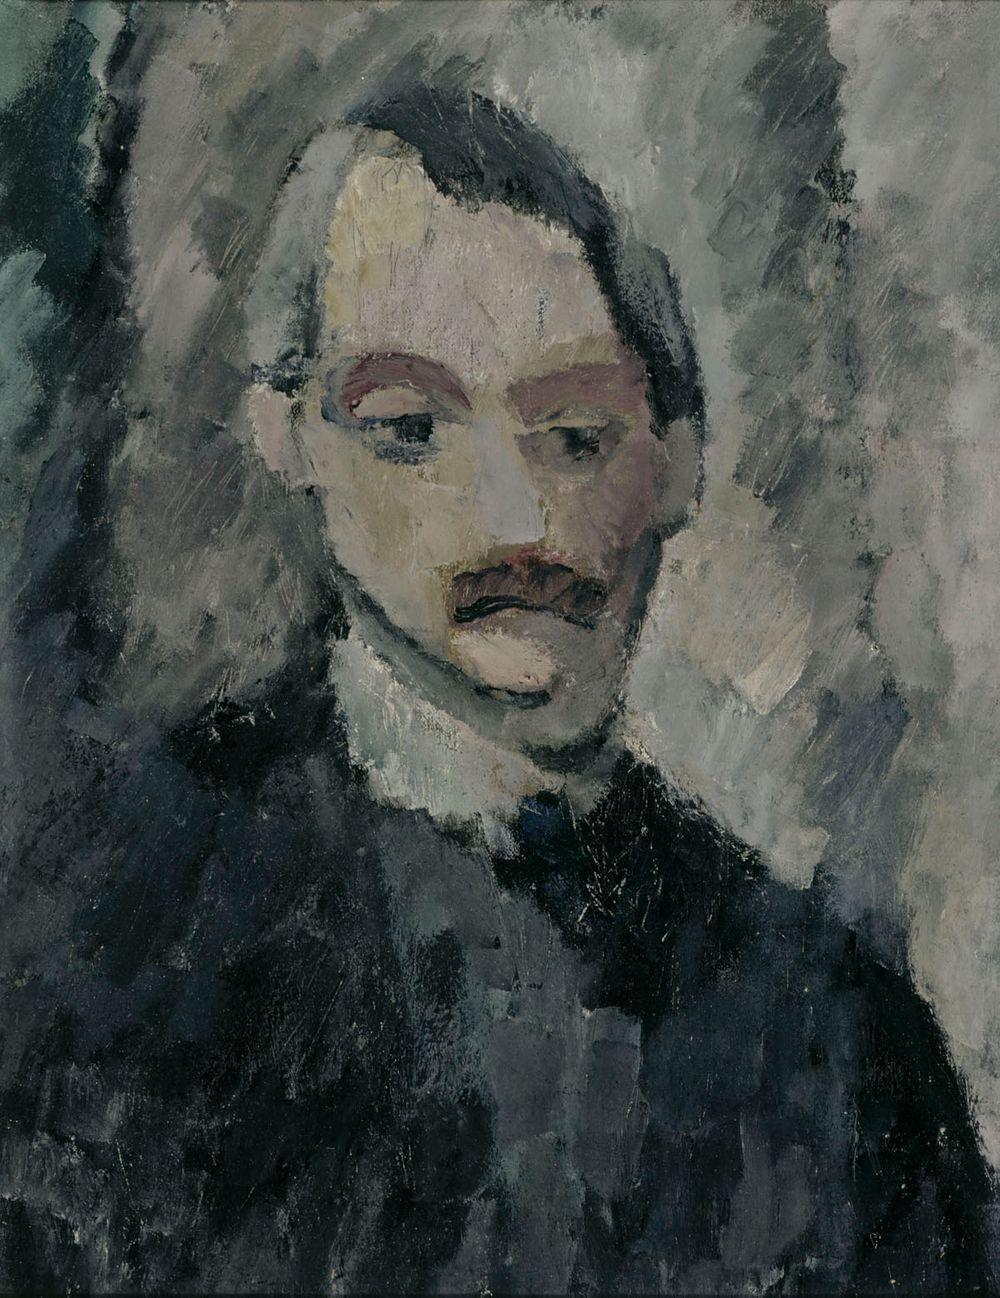 Kuvanveistäjä Nils E. Santessonin muotokuva